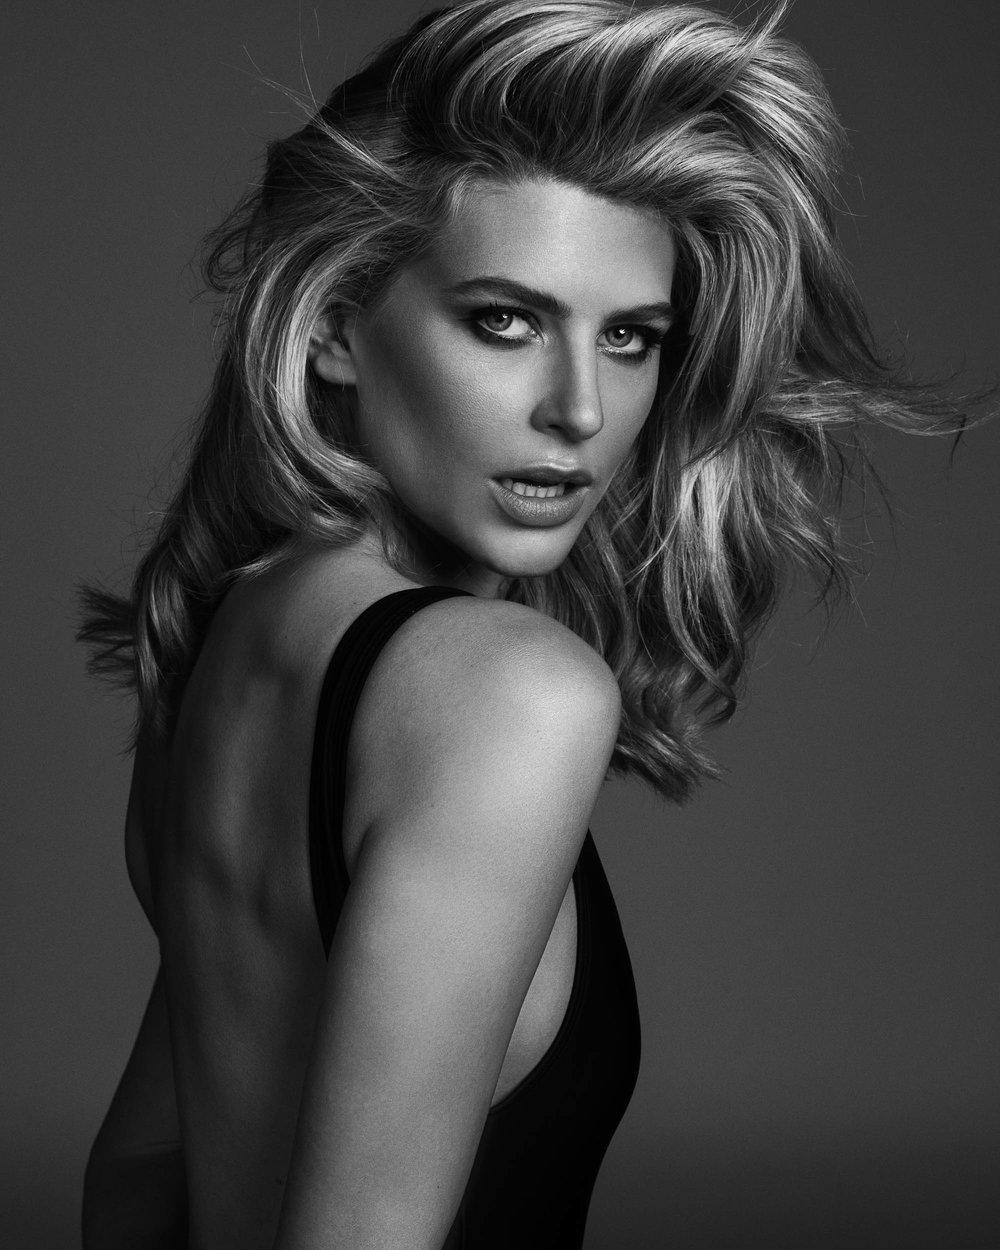 Model Sophie Van Den Akker photographed by Nick Walters1.jpg